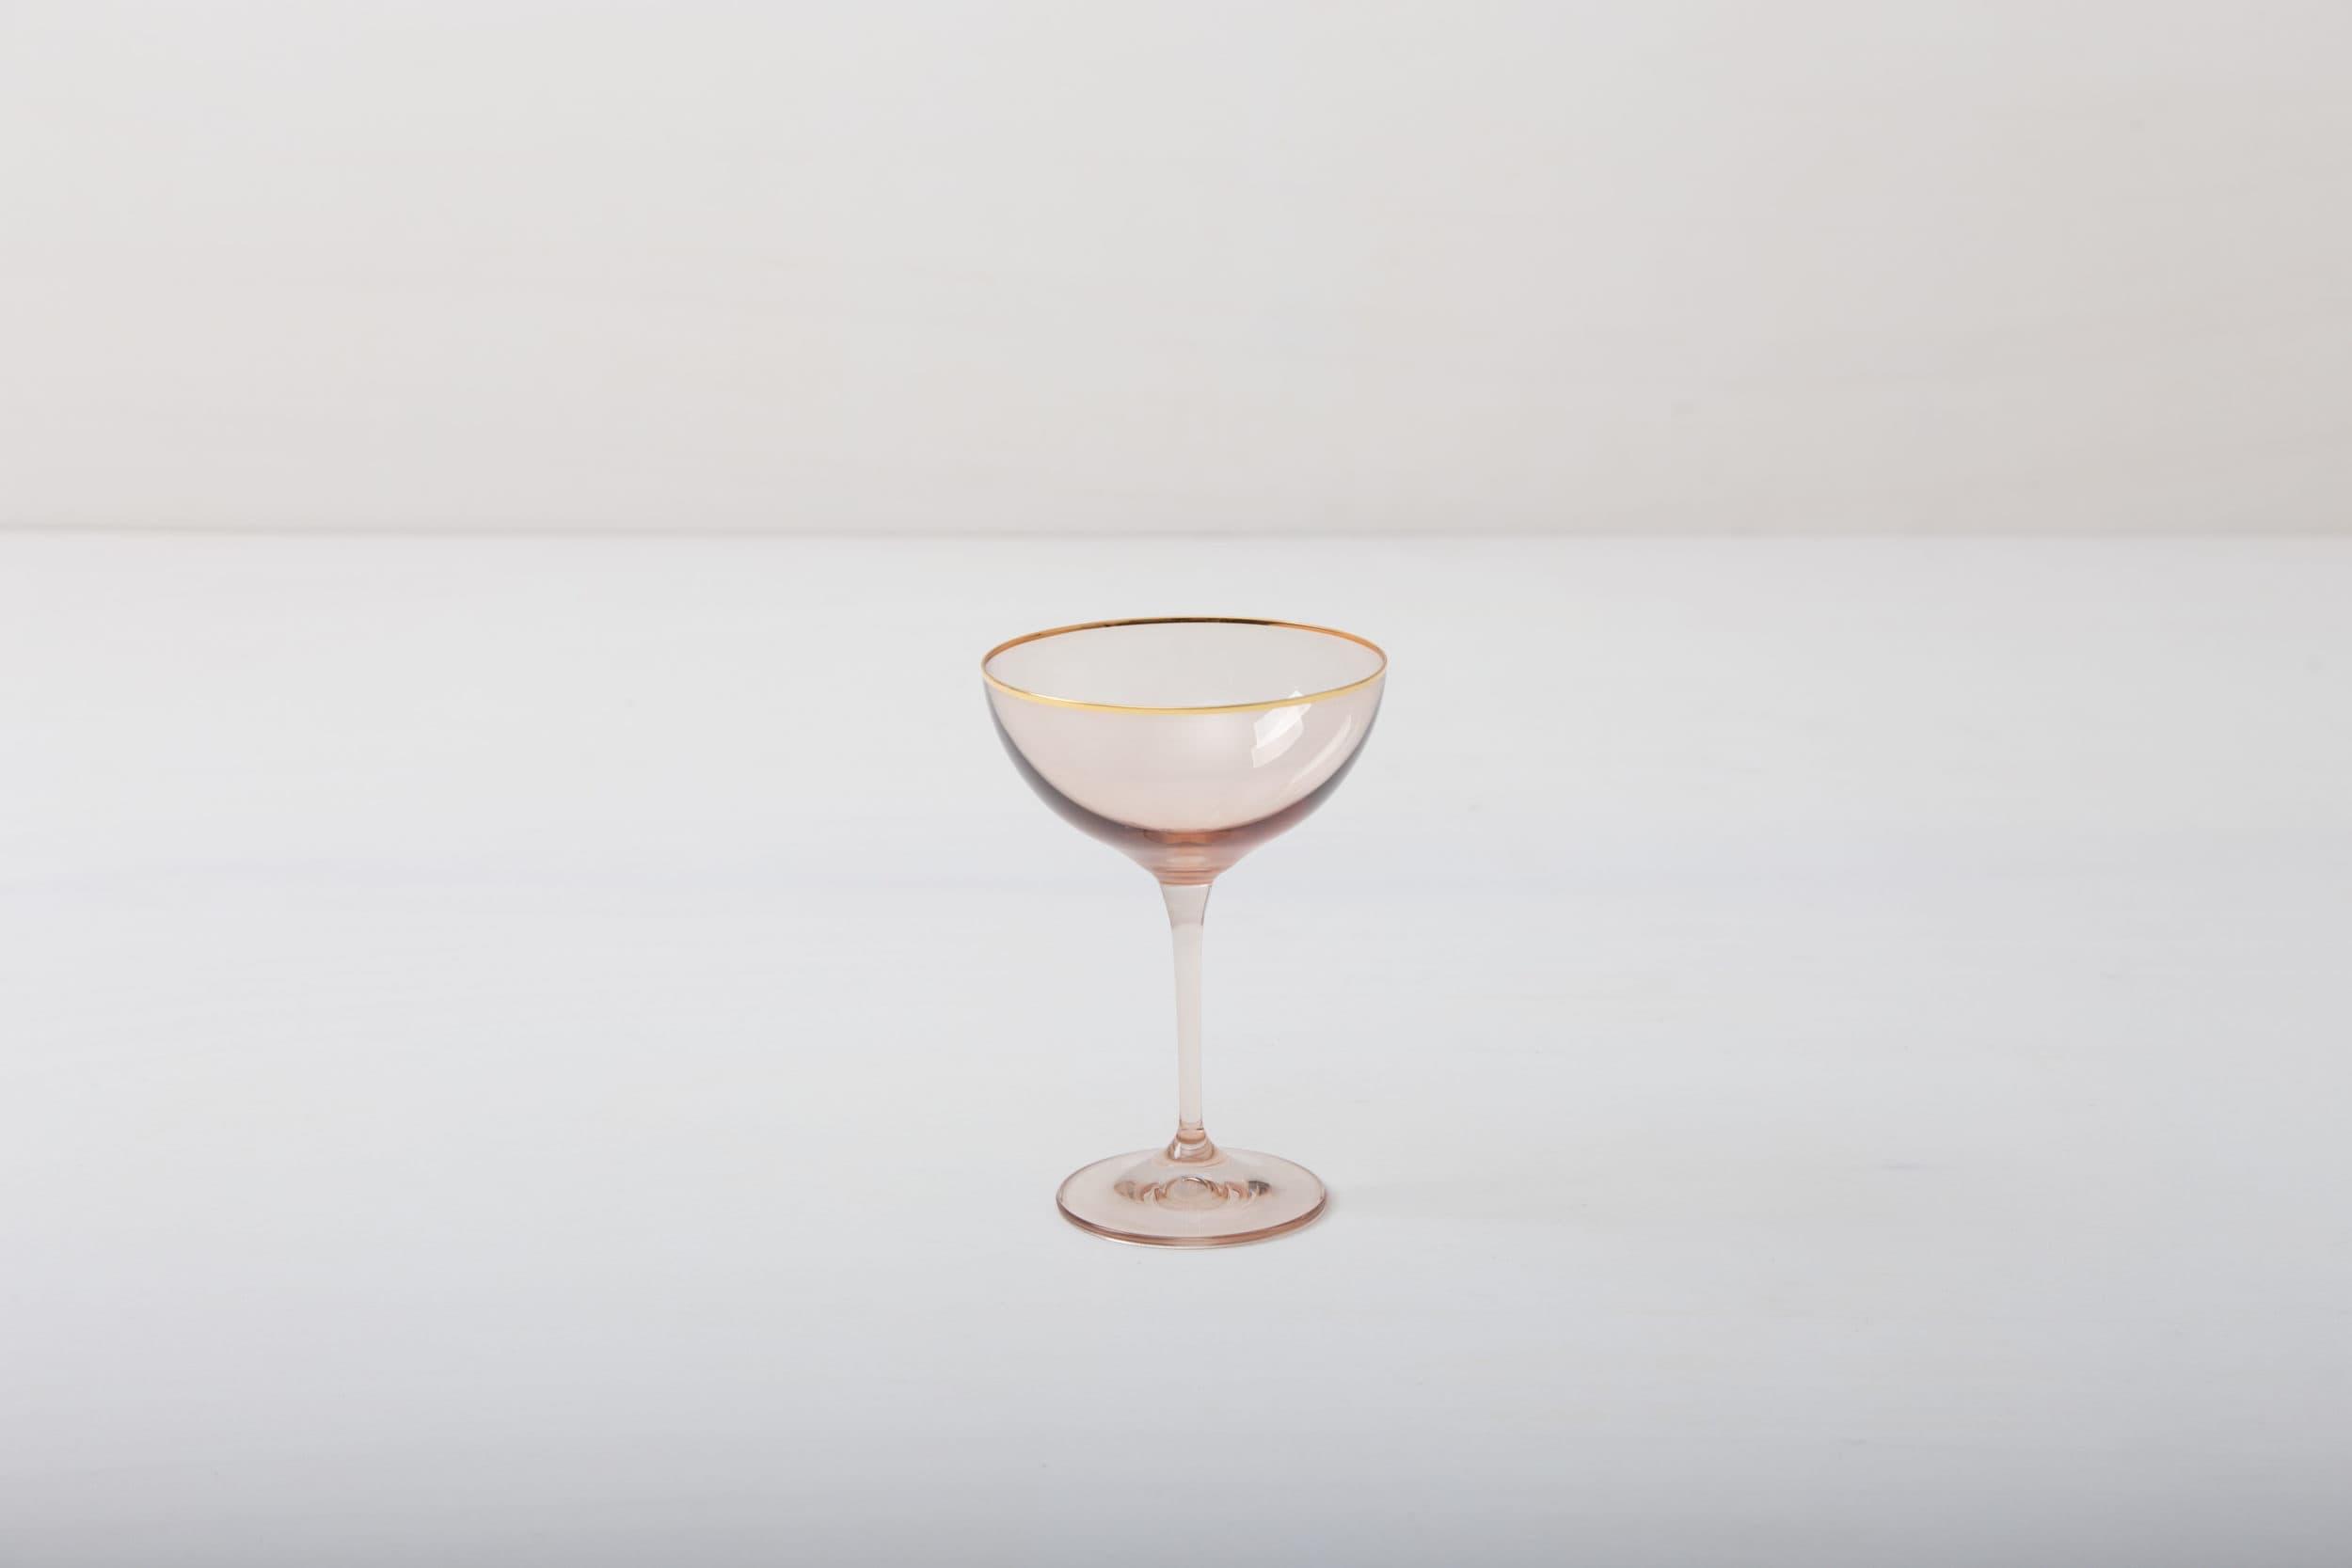 Champagnerschale, rose, Hochzeitstafel, mieten, Goldrand